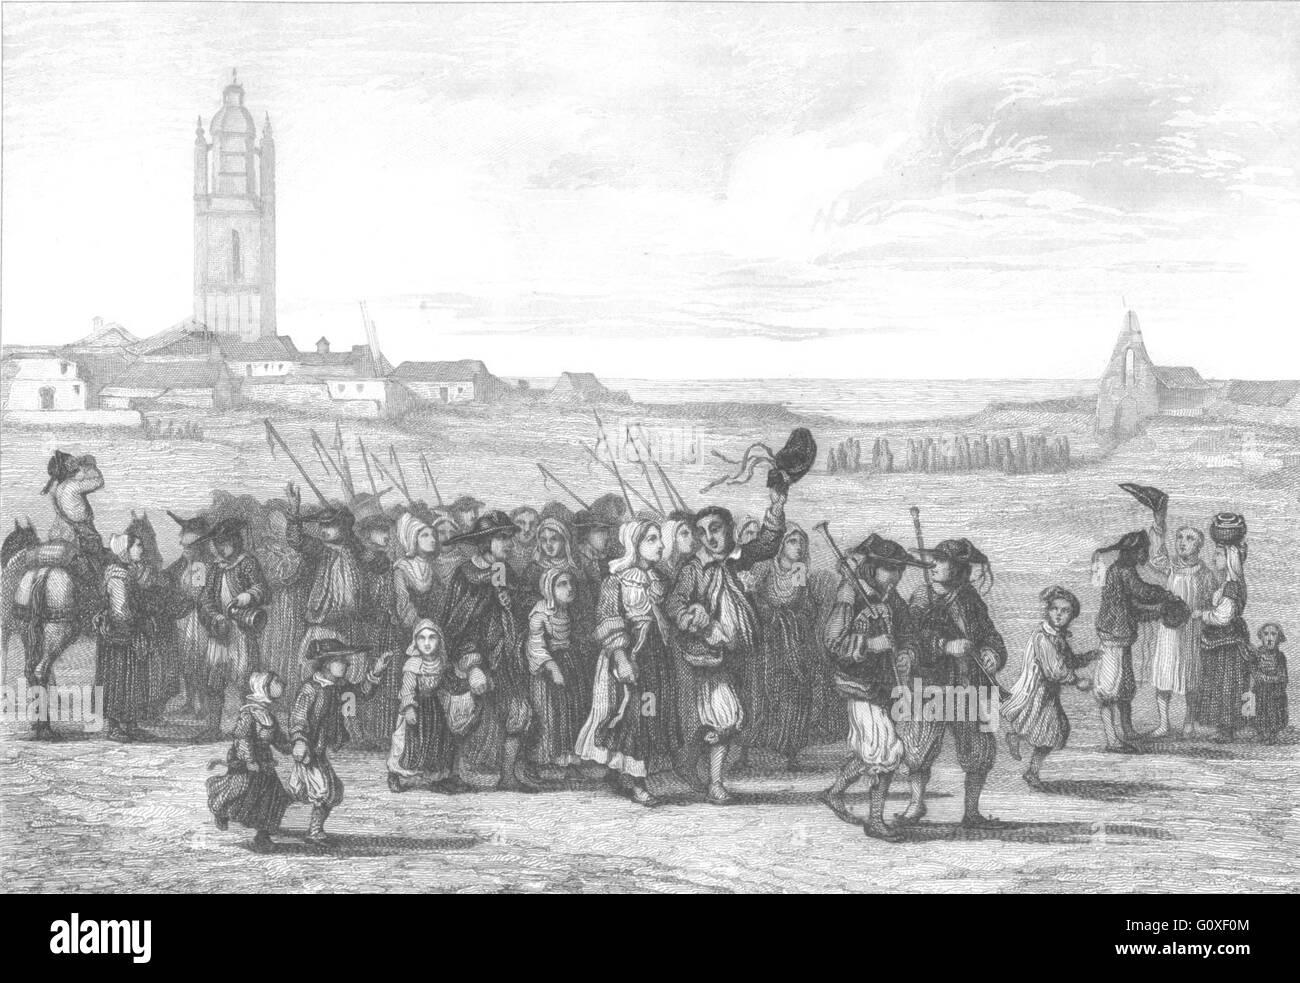 BRETAGNE: Mariage Retour de l'Eglise, antique print 1844 - Stock Image